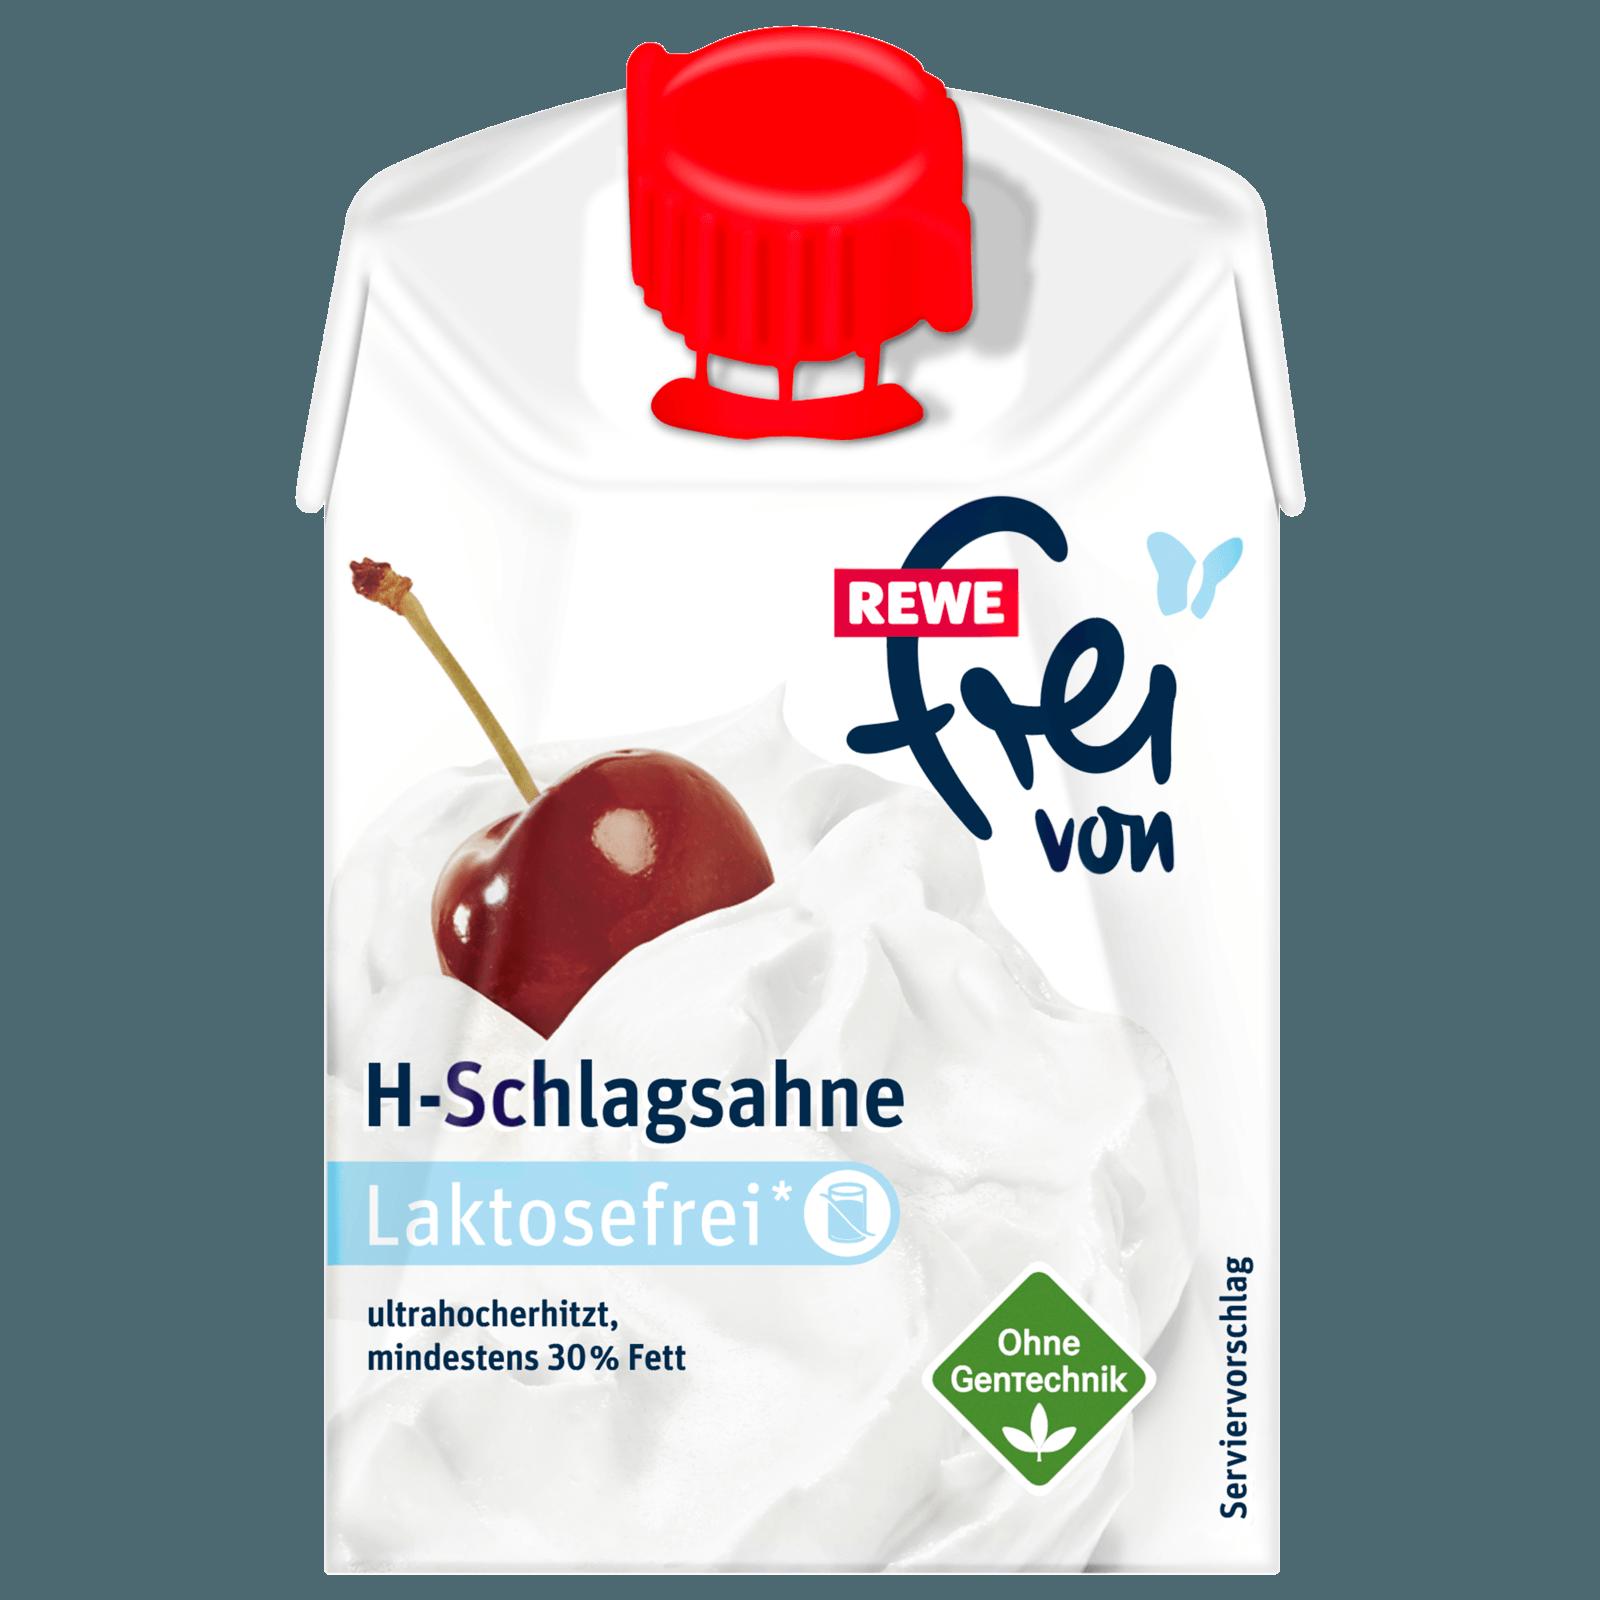 Rewe Frei Von H Schlagsahne 200g Bei Rewe Online Bestellen